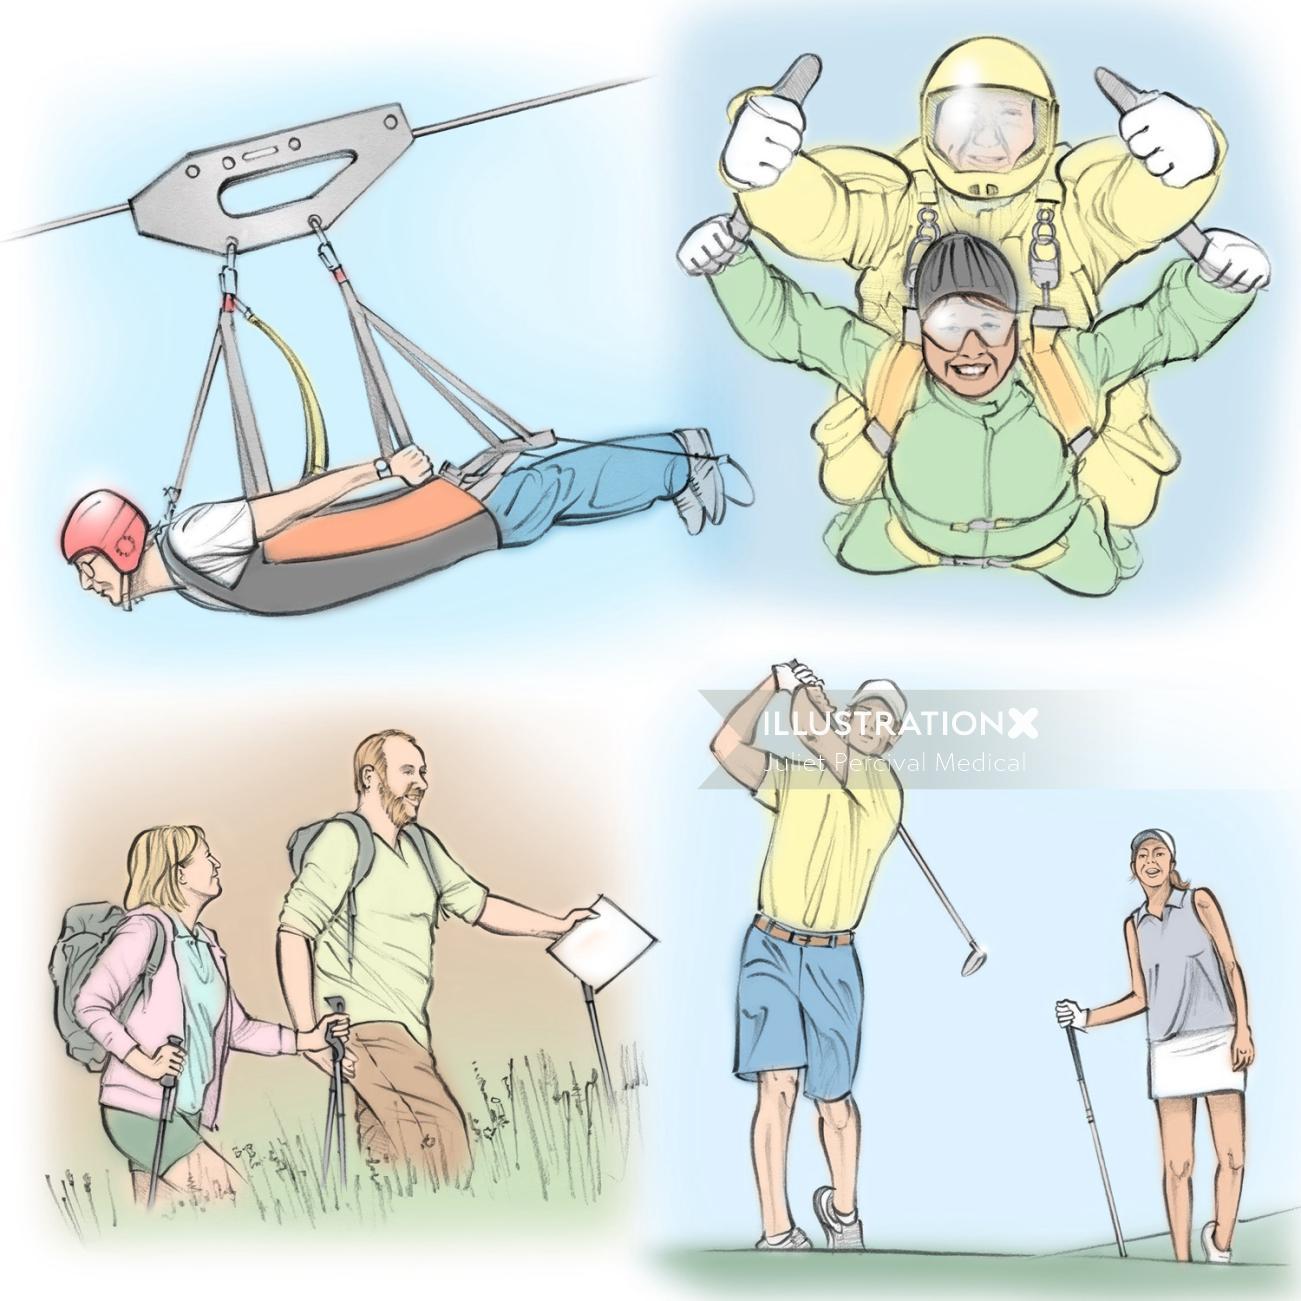 outdoor activities, zip wire, sky diving, golf, hiking, people